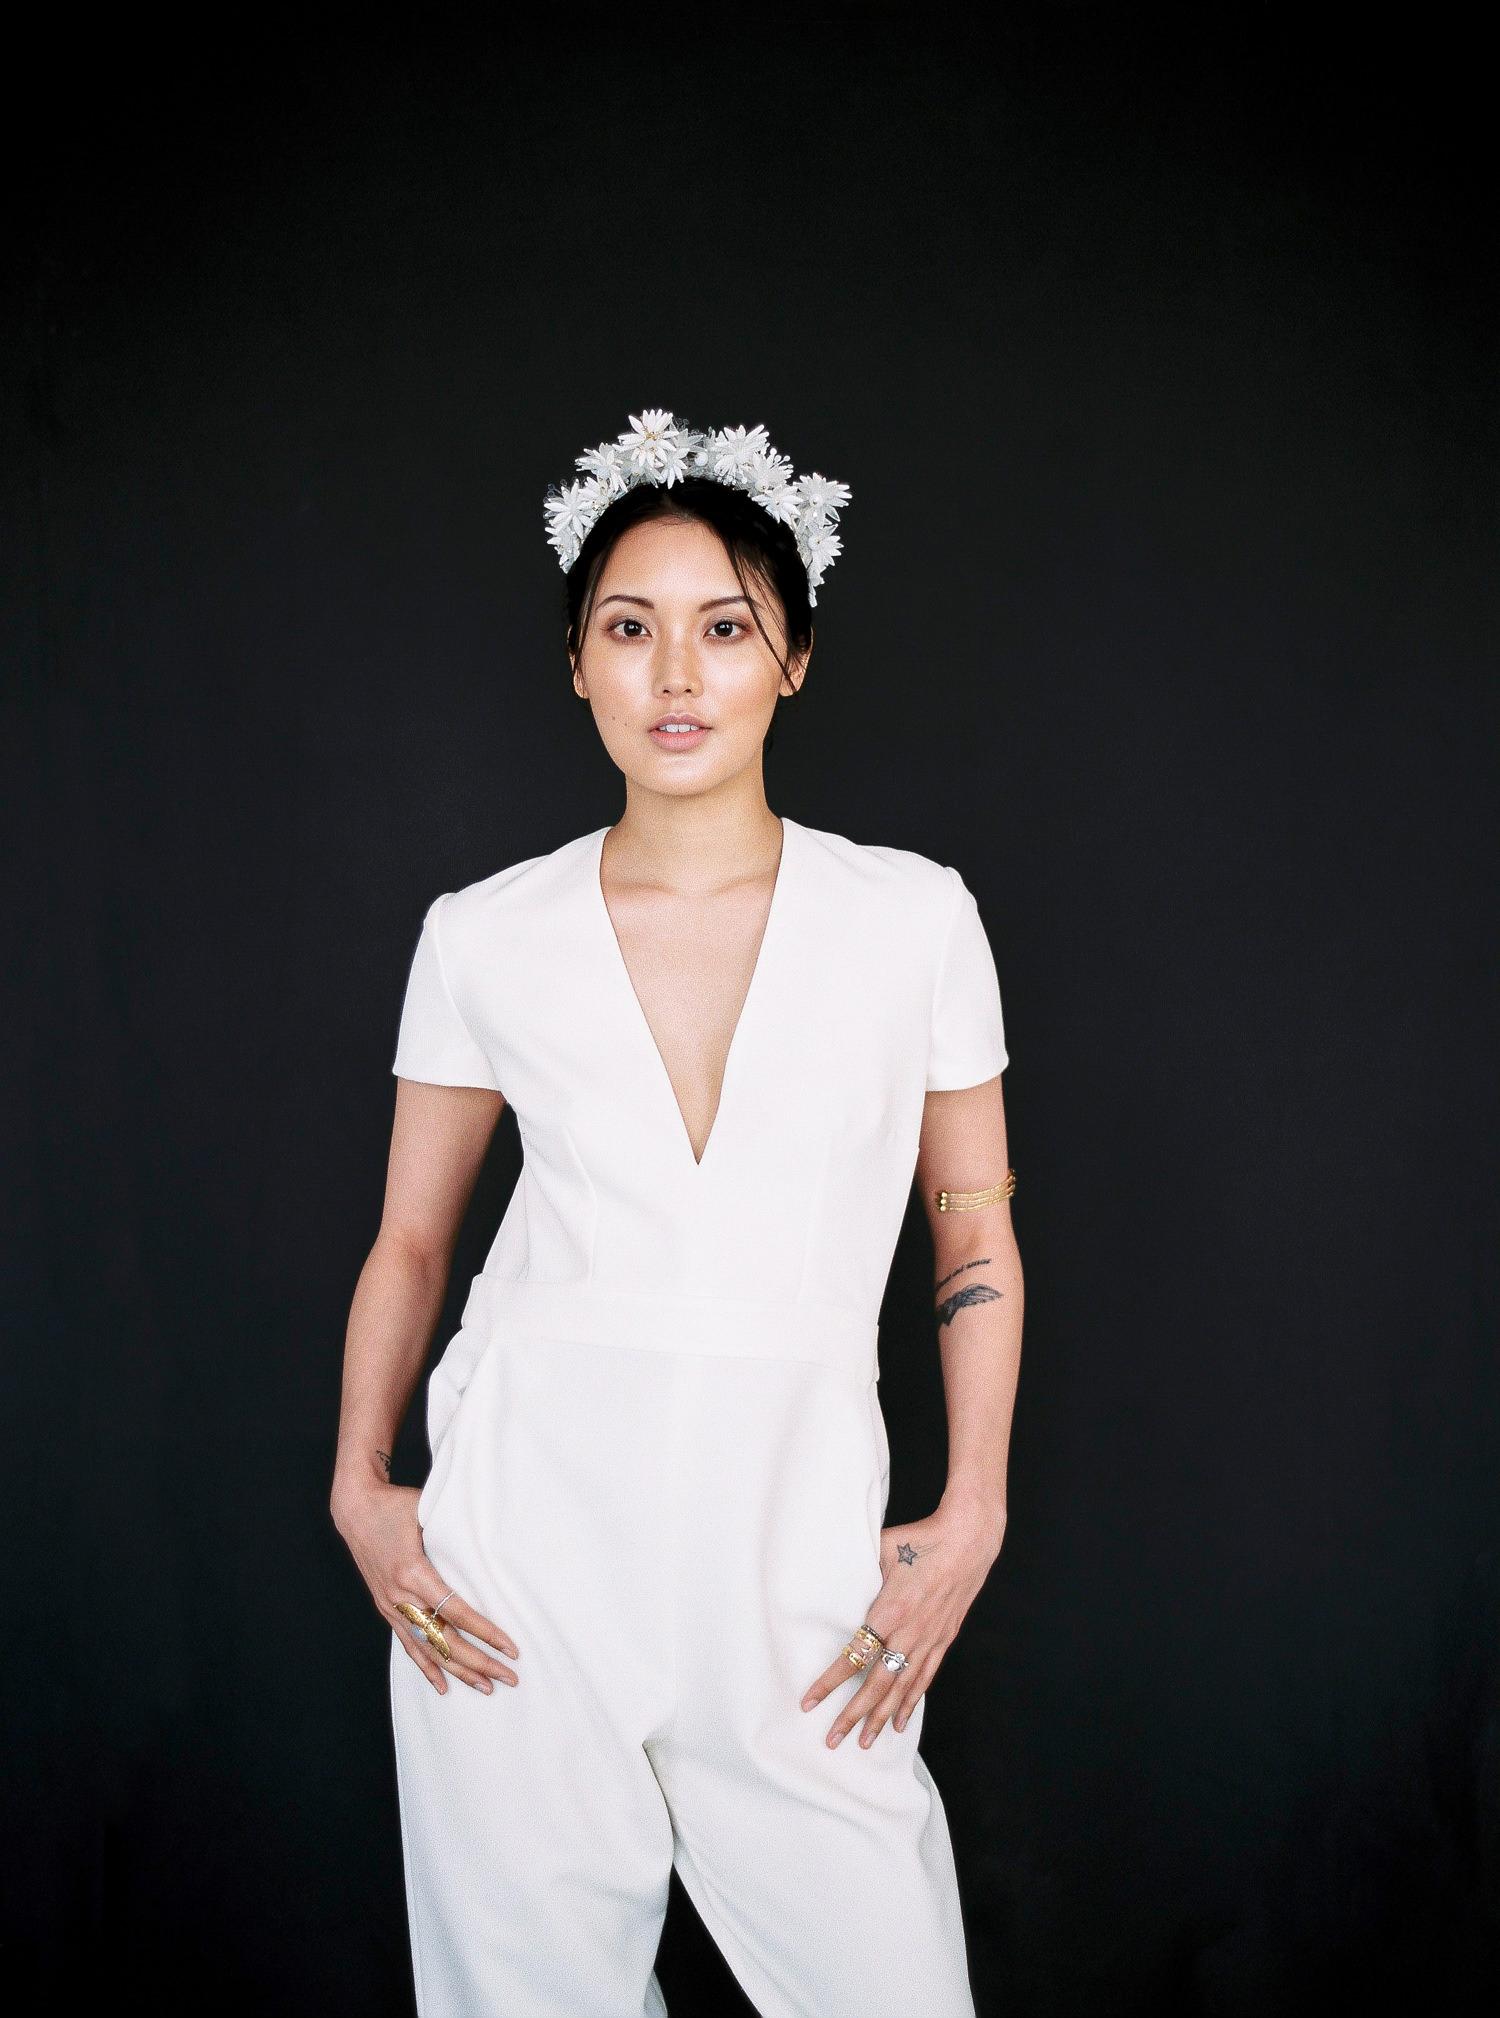 bridal jumpsuit, Luna Bea headpiece